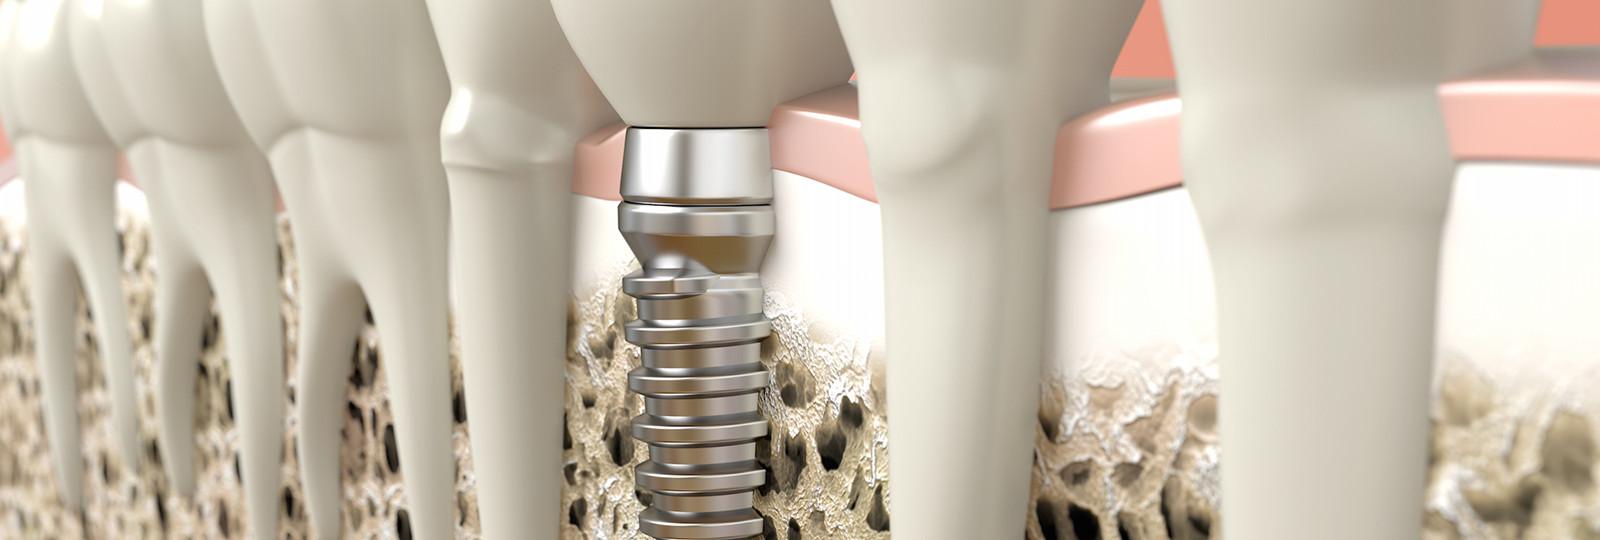 implant dentar riscuri